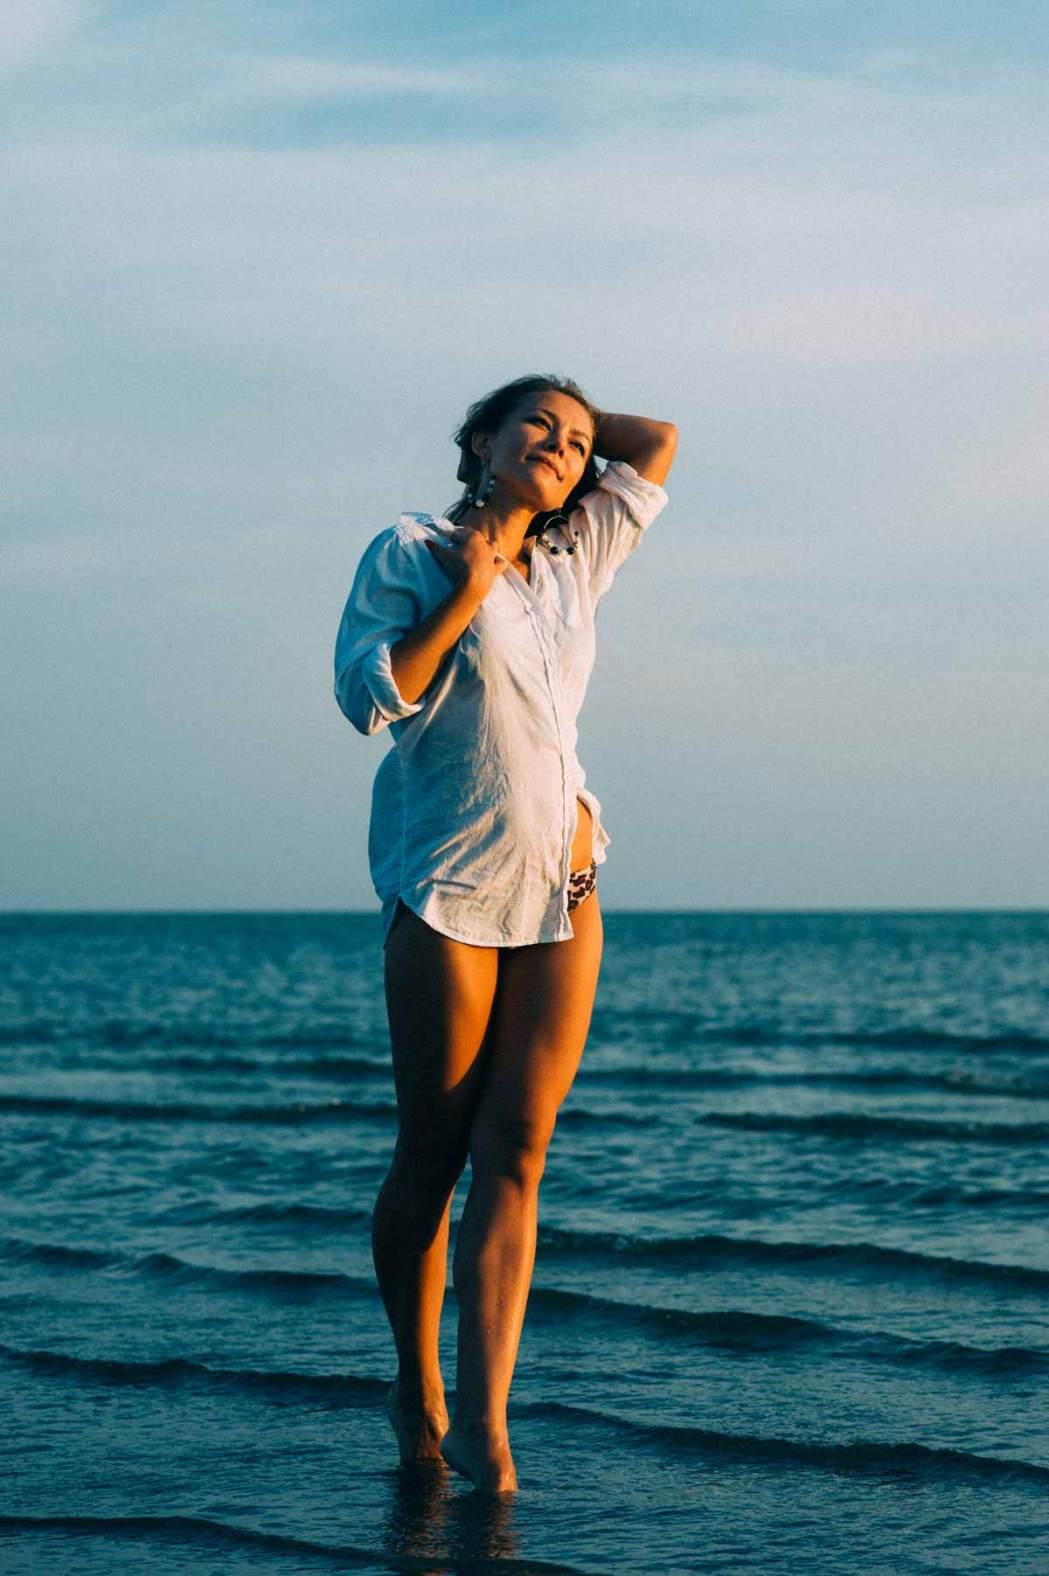 Портрет девушки во весь рост морская фотосессия